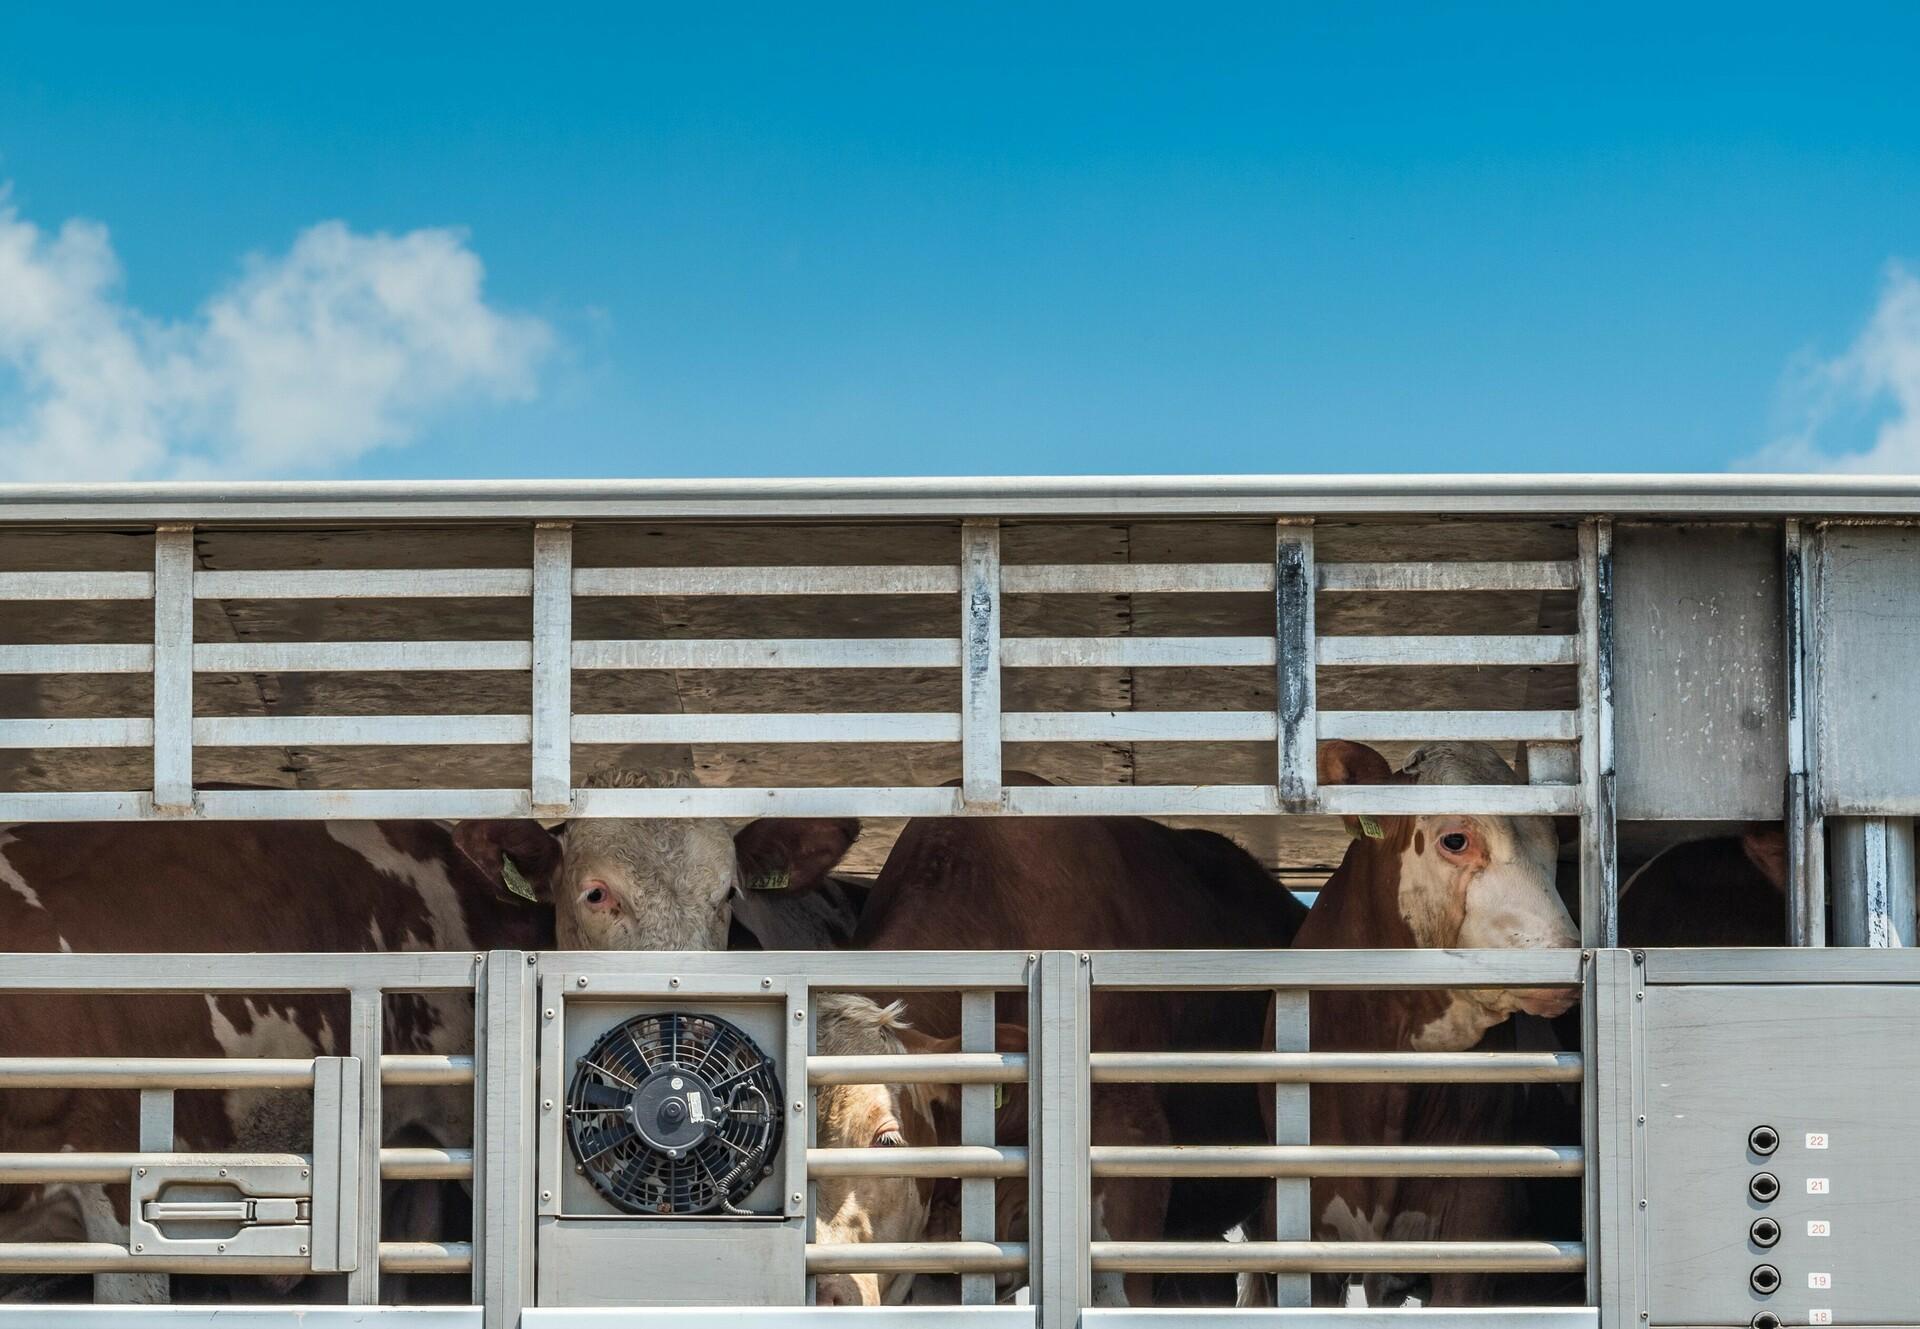 Tiertransport mit Rindern